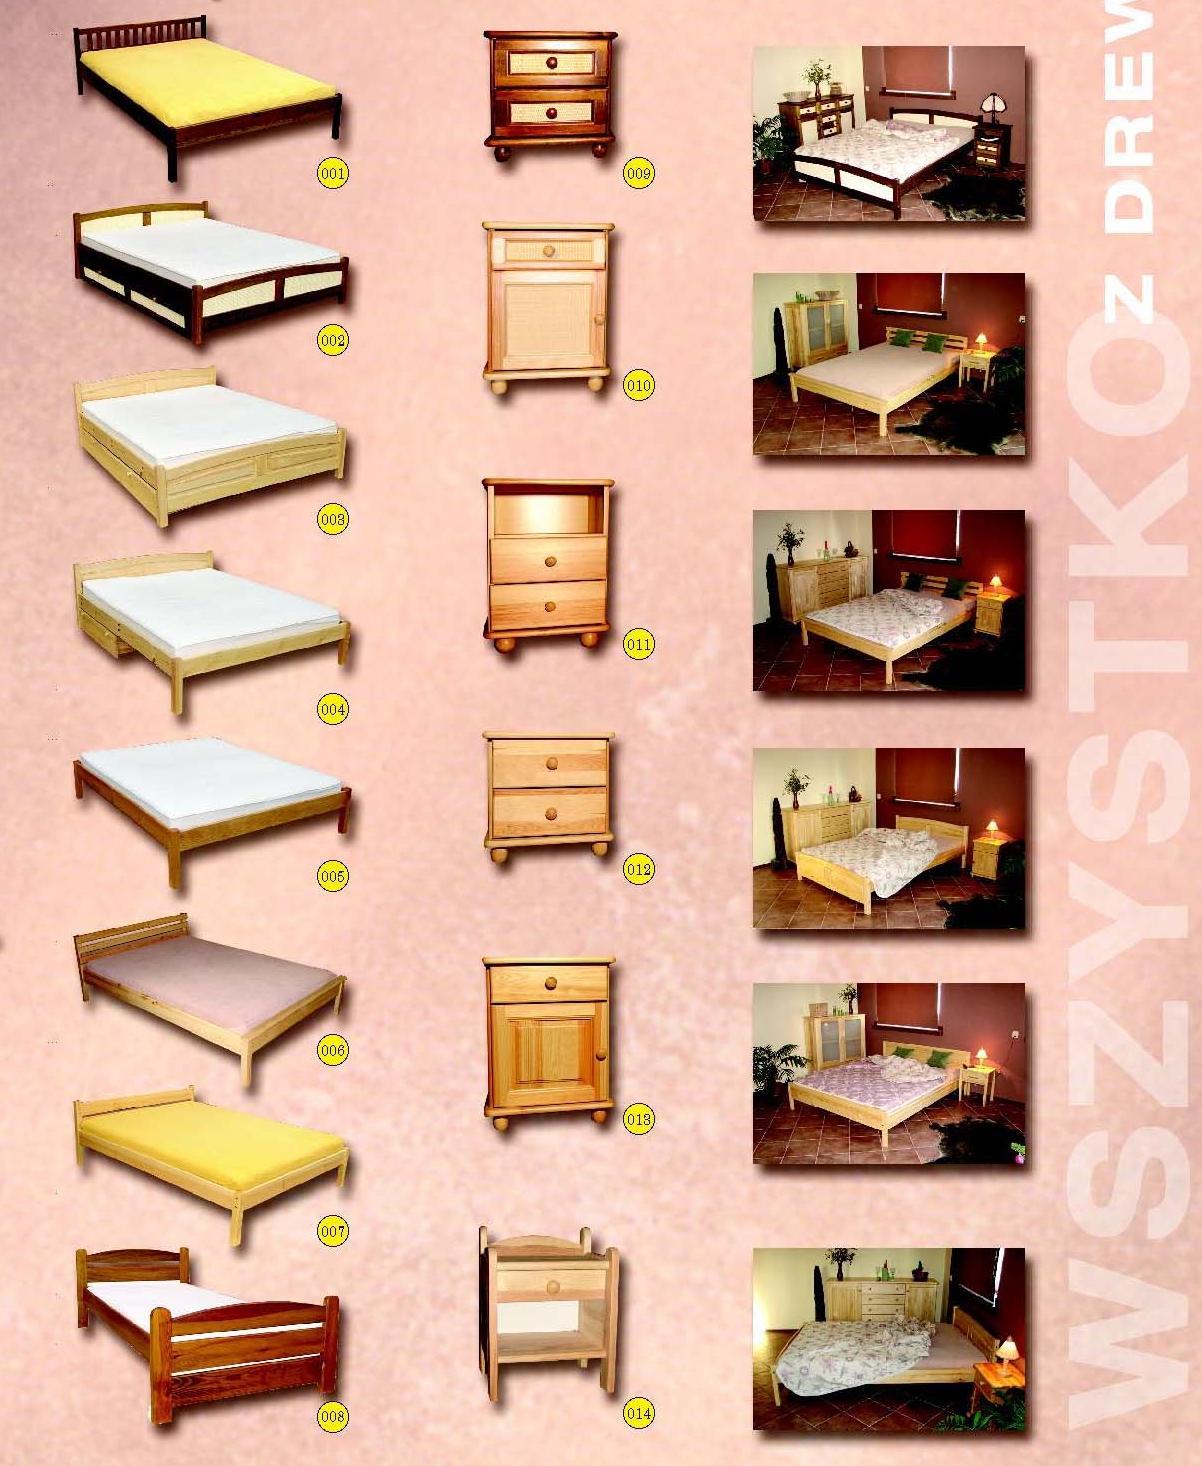 Łóżka sosowe w różnej gamie wzorów i kolorów